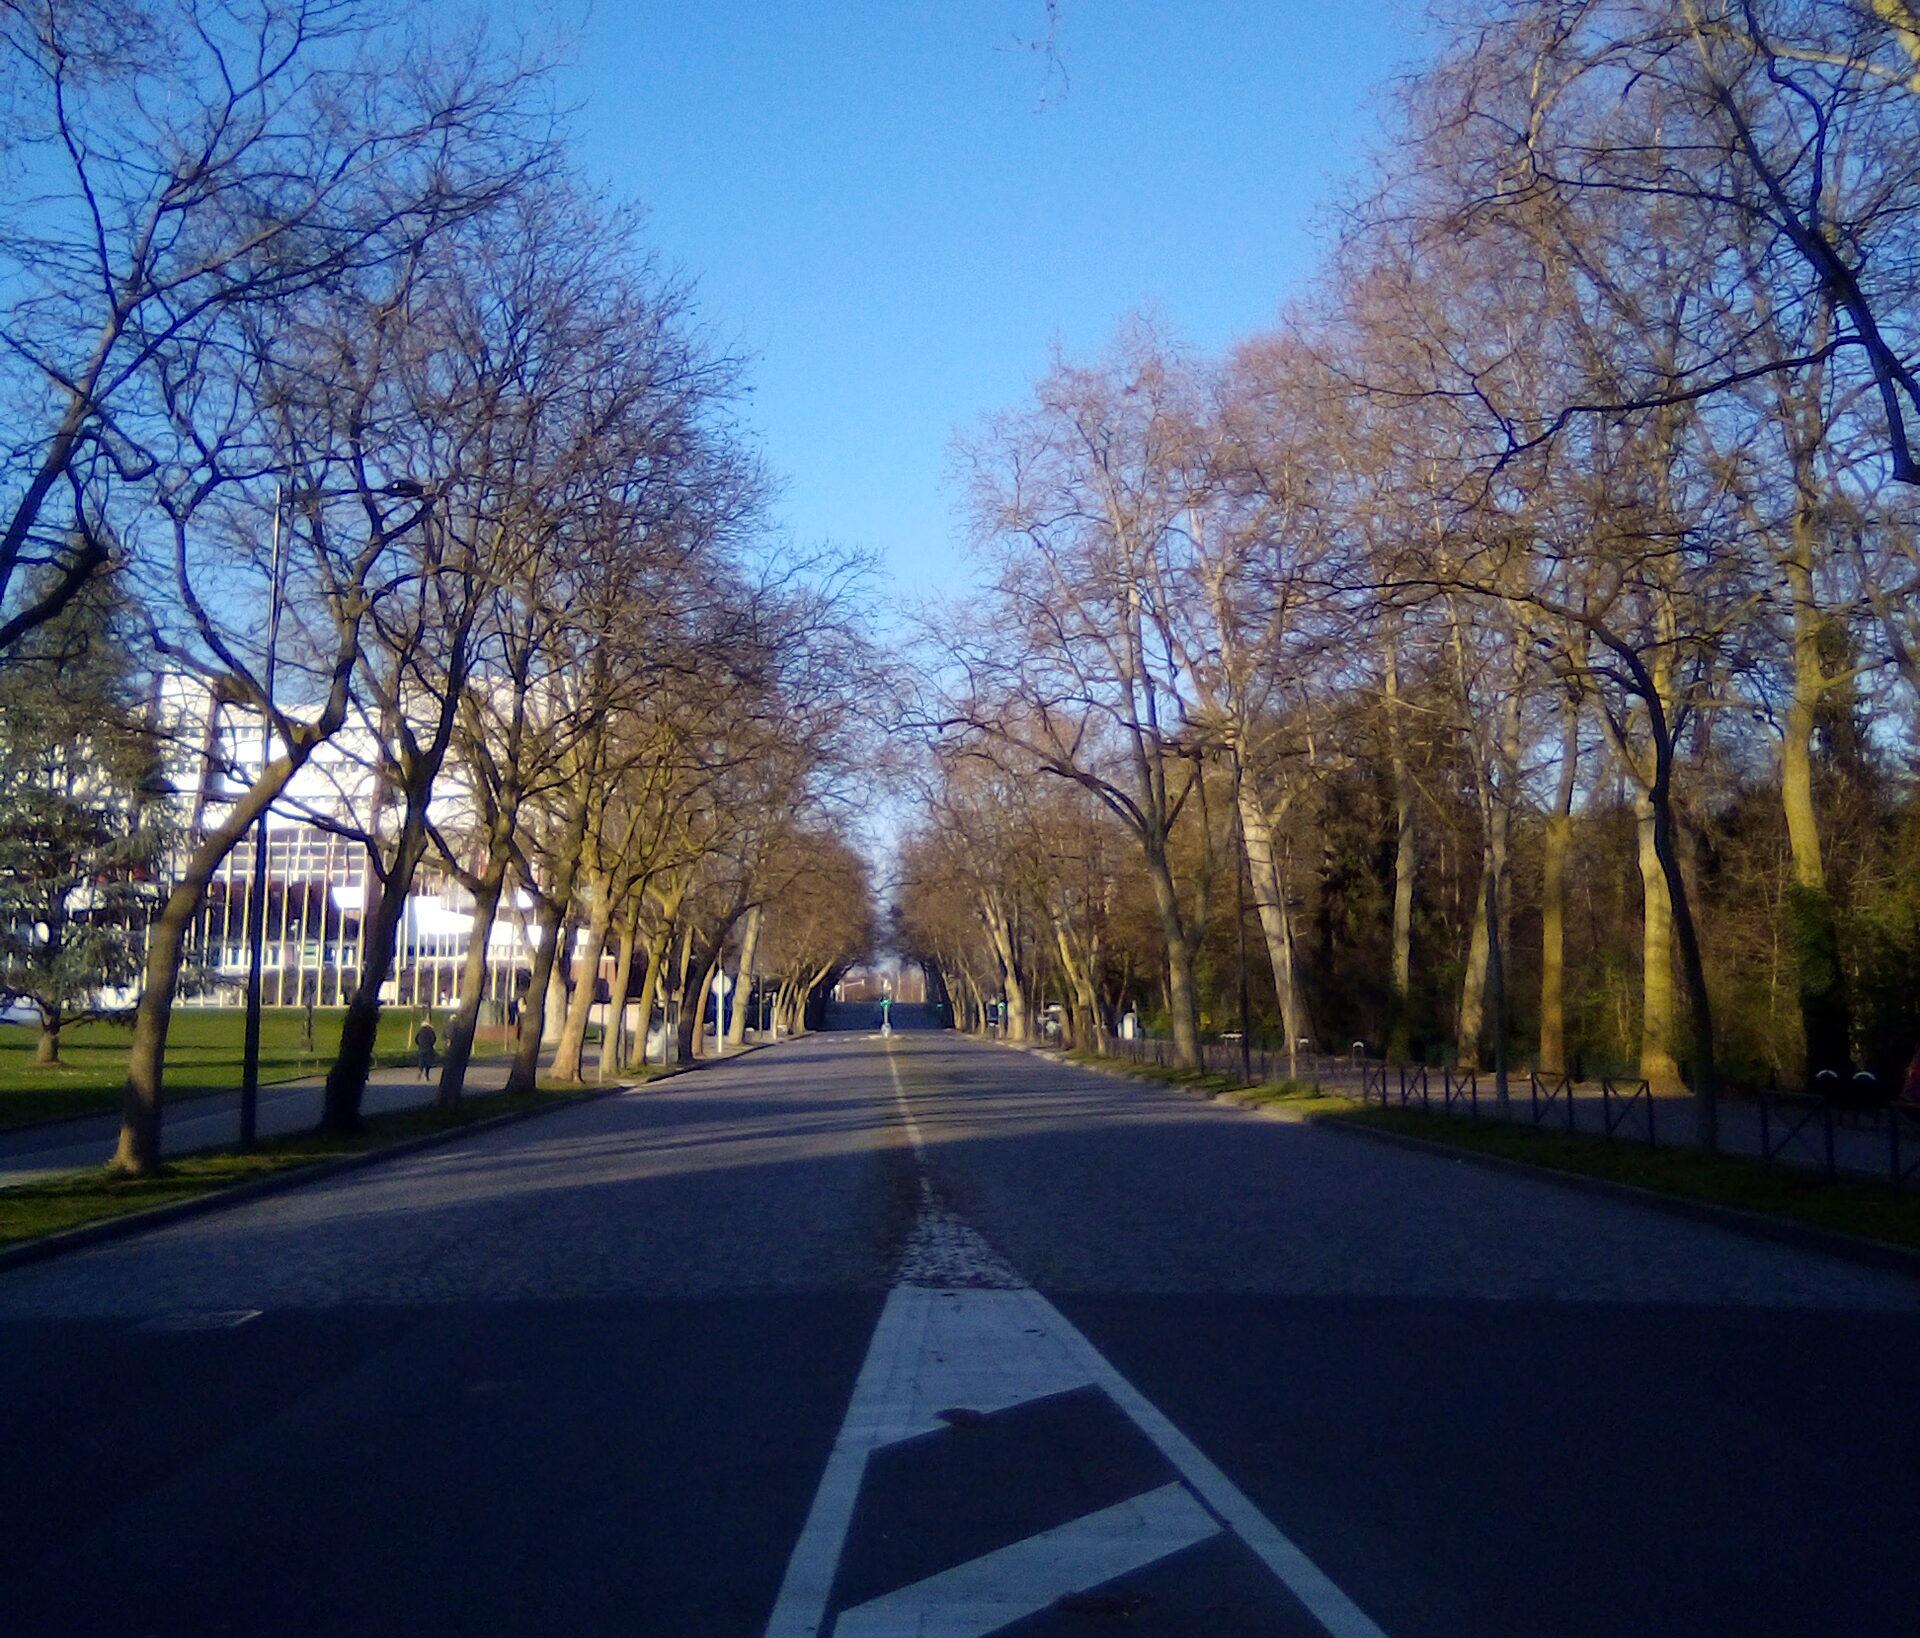 Uma das principais vias de Estrasburgo França), deserta em meio à quarentena imposta contra o Covid-19